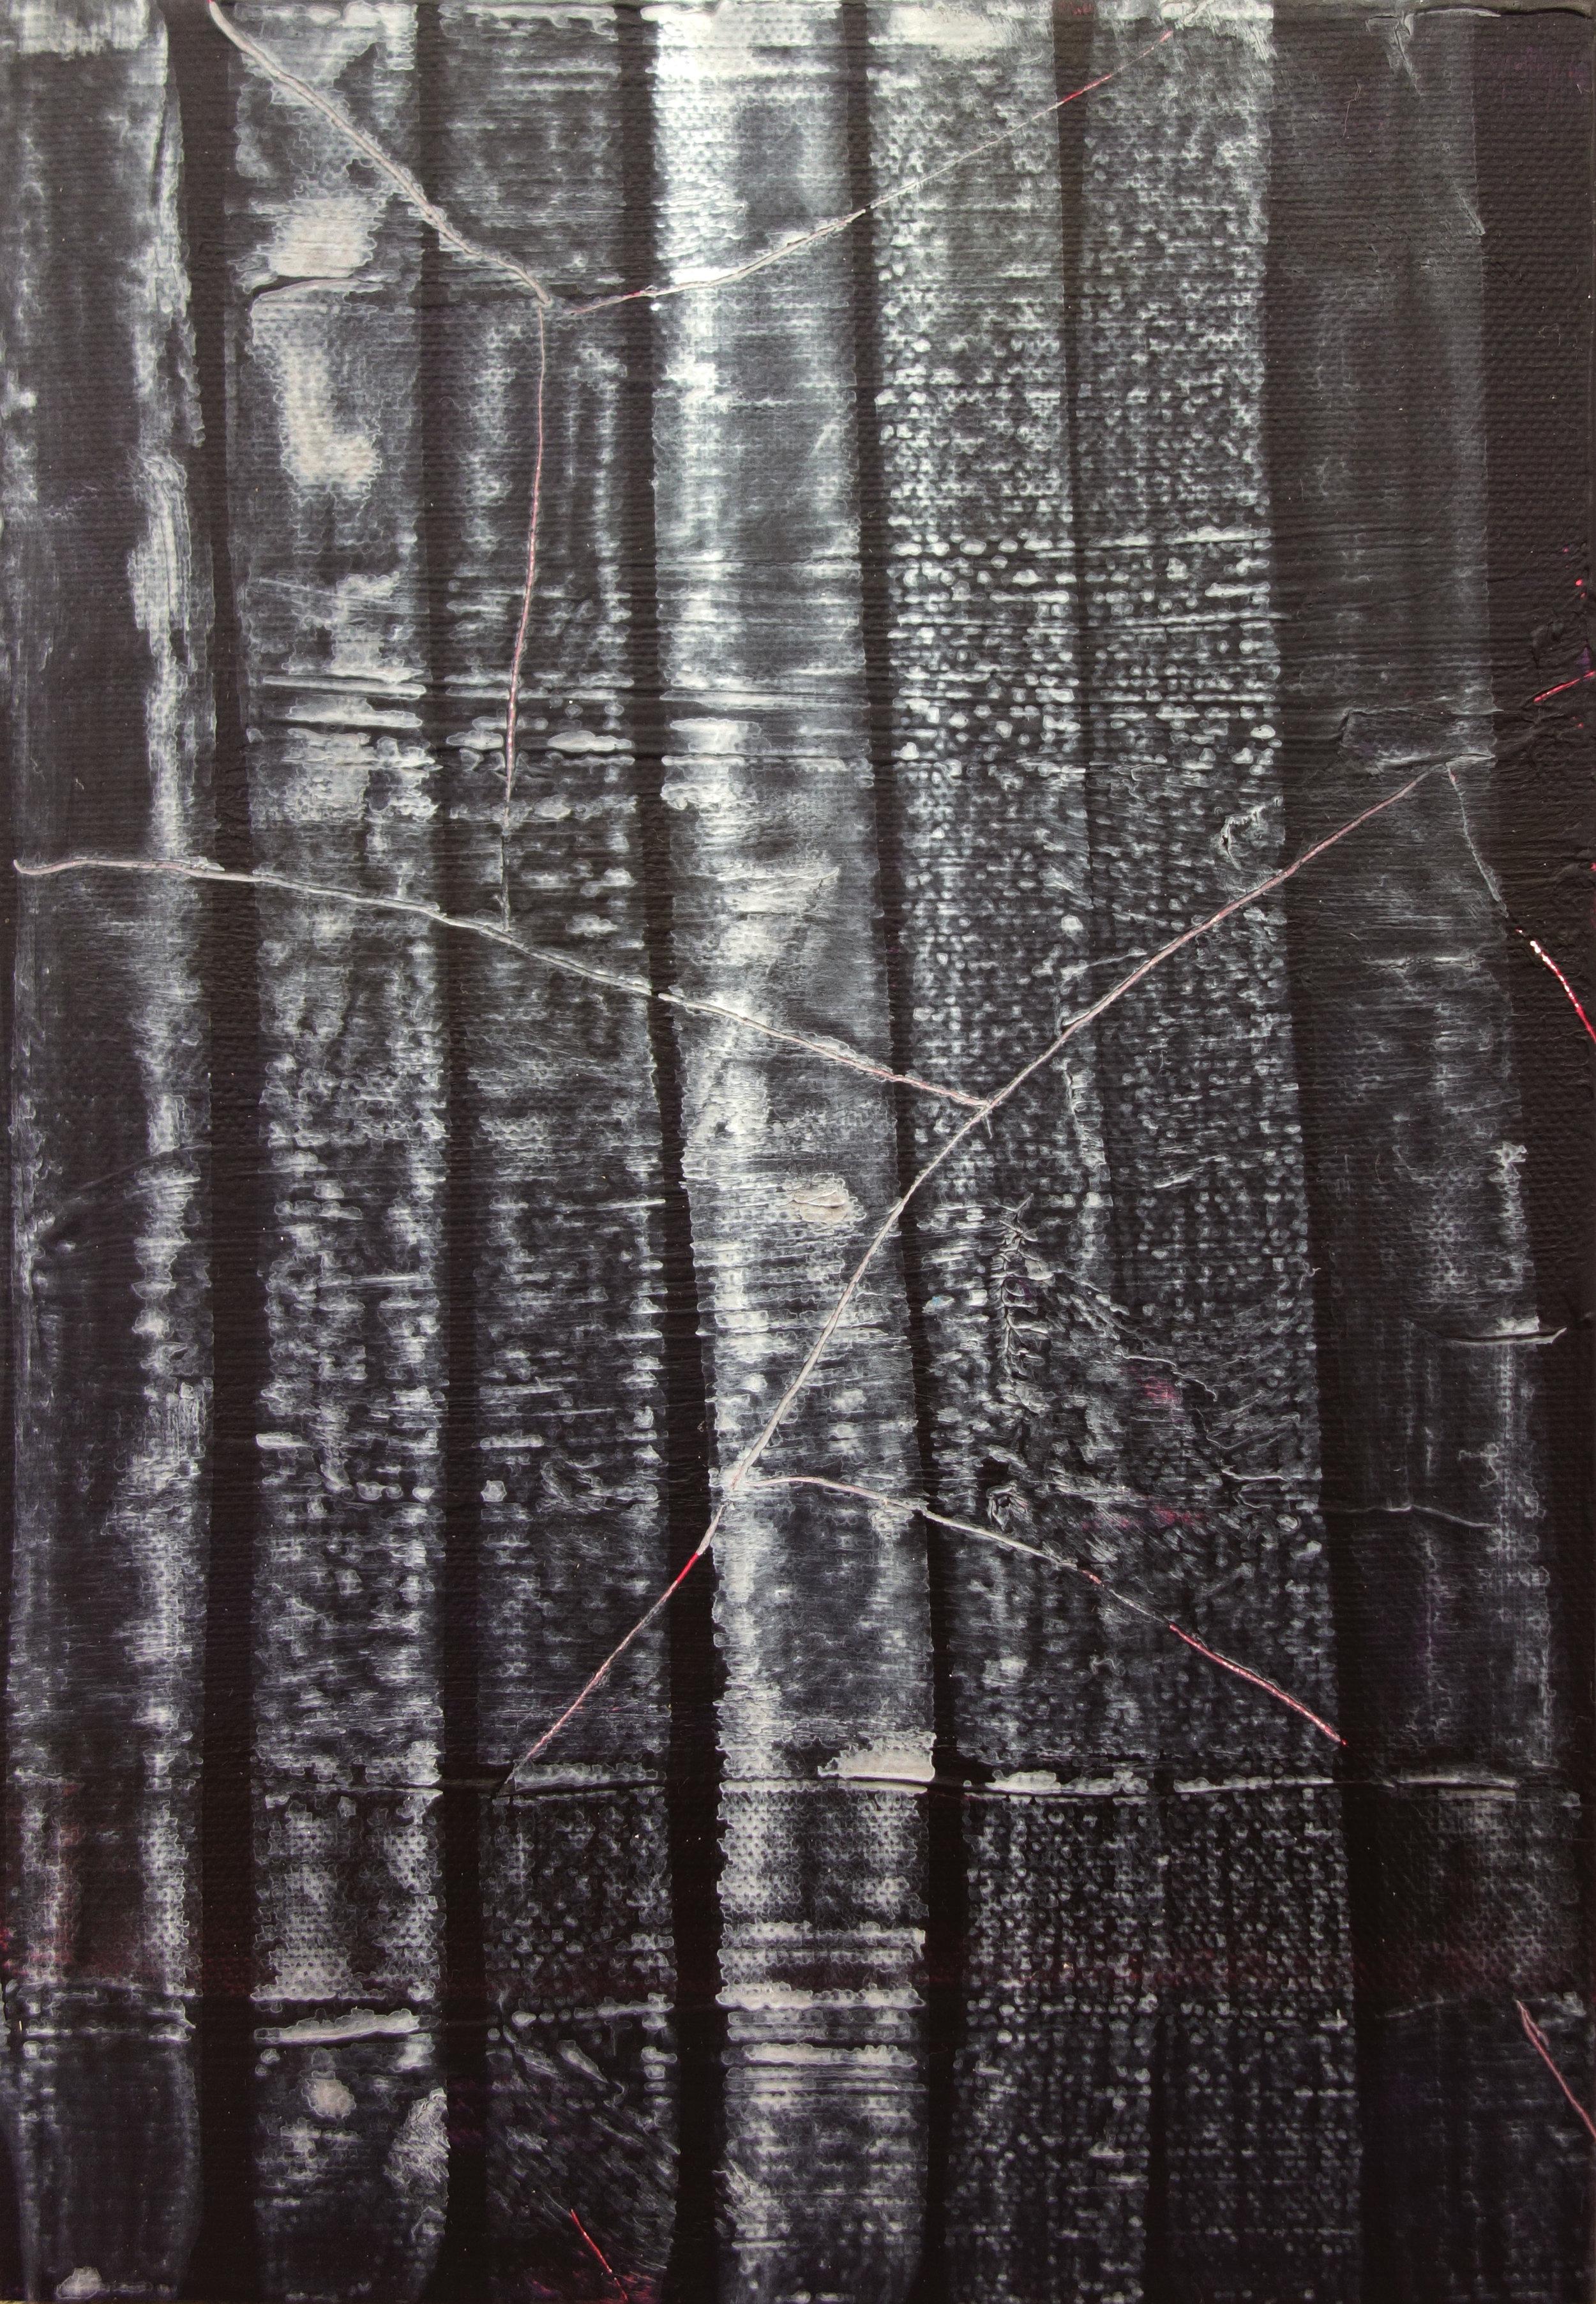 Mark Salvatus_Scratchings 32_2017-2018_Acrylic on Canvas_18x25.5cm.jpg